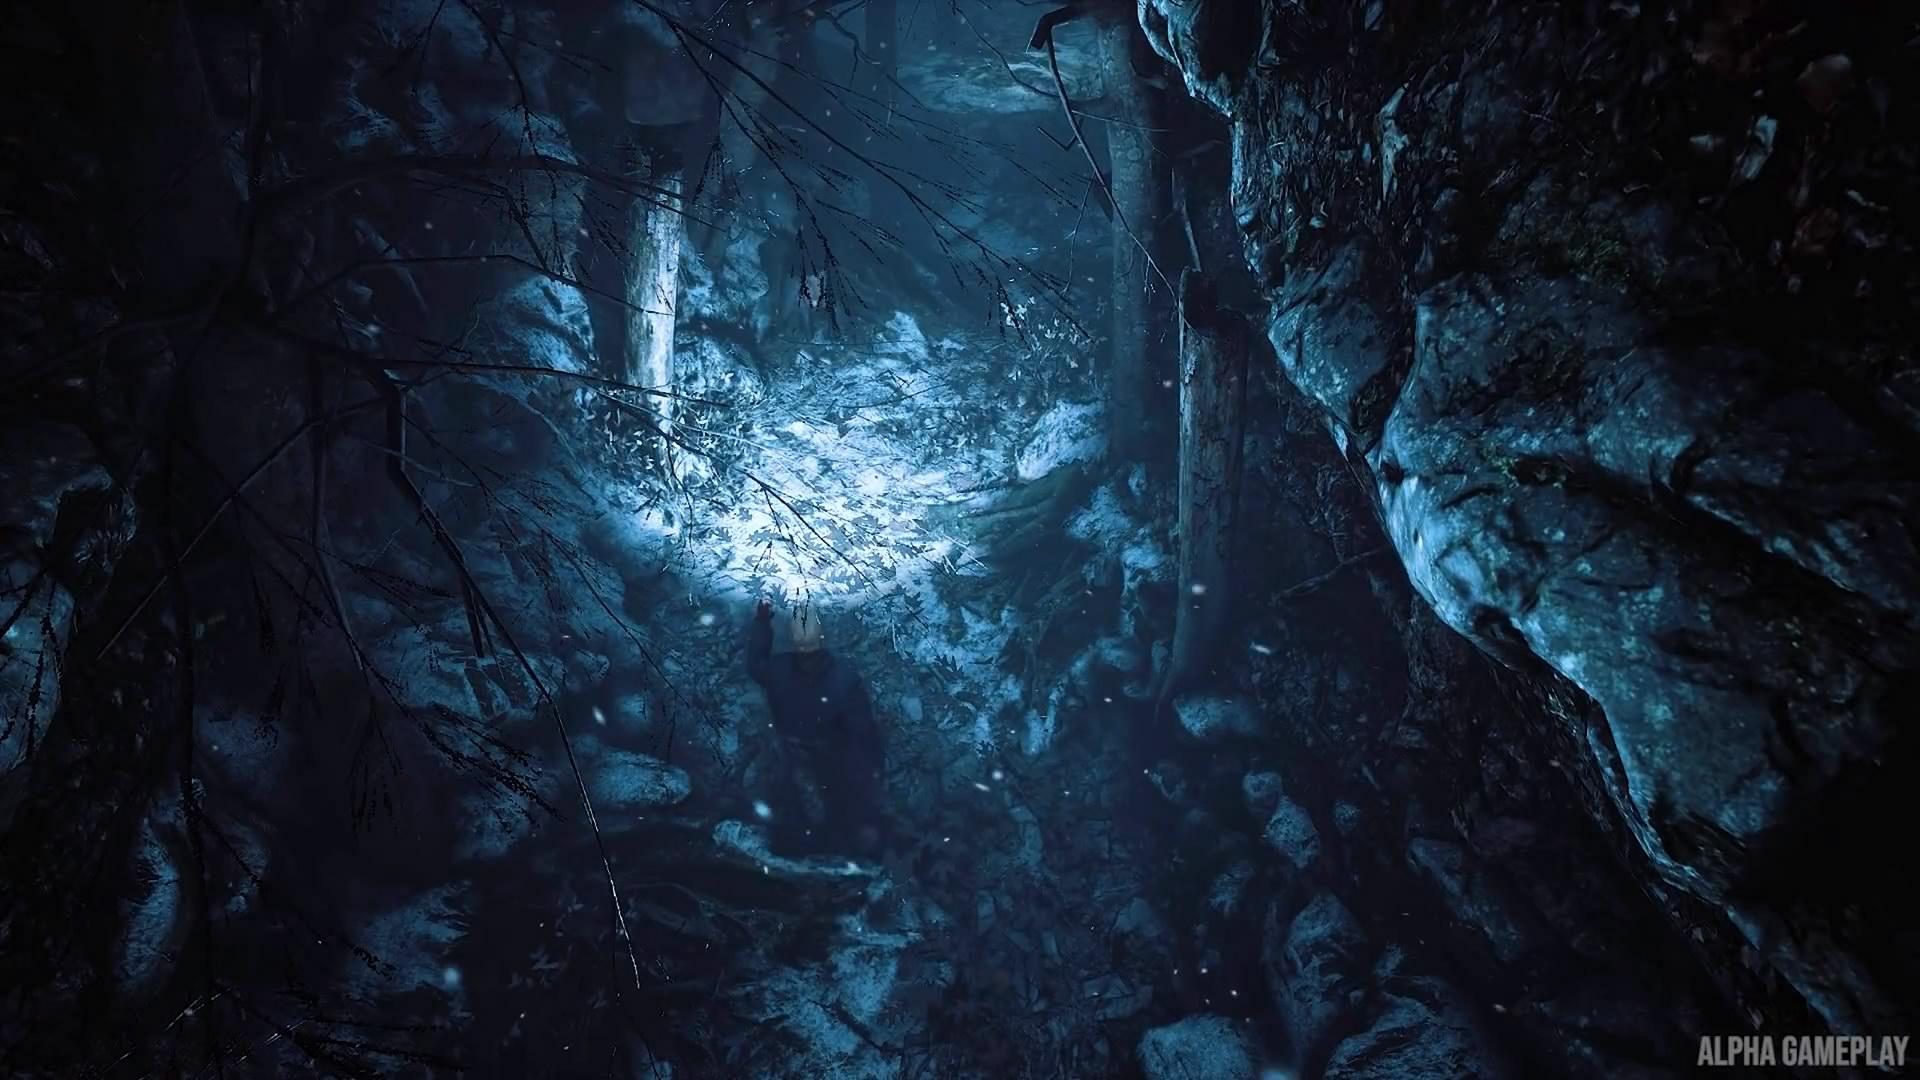 《生化危机:维吉尔》改名《维吉尔》 新预告发布